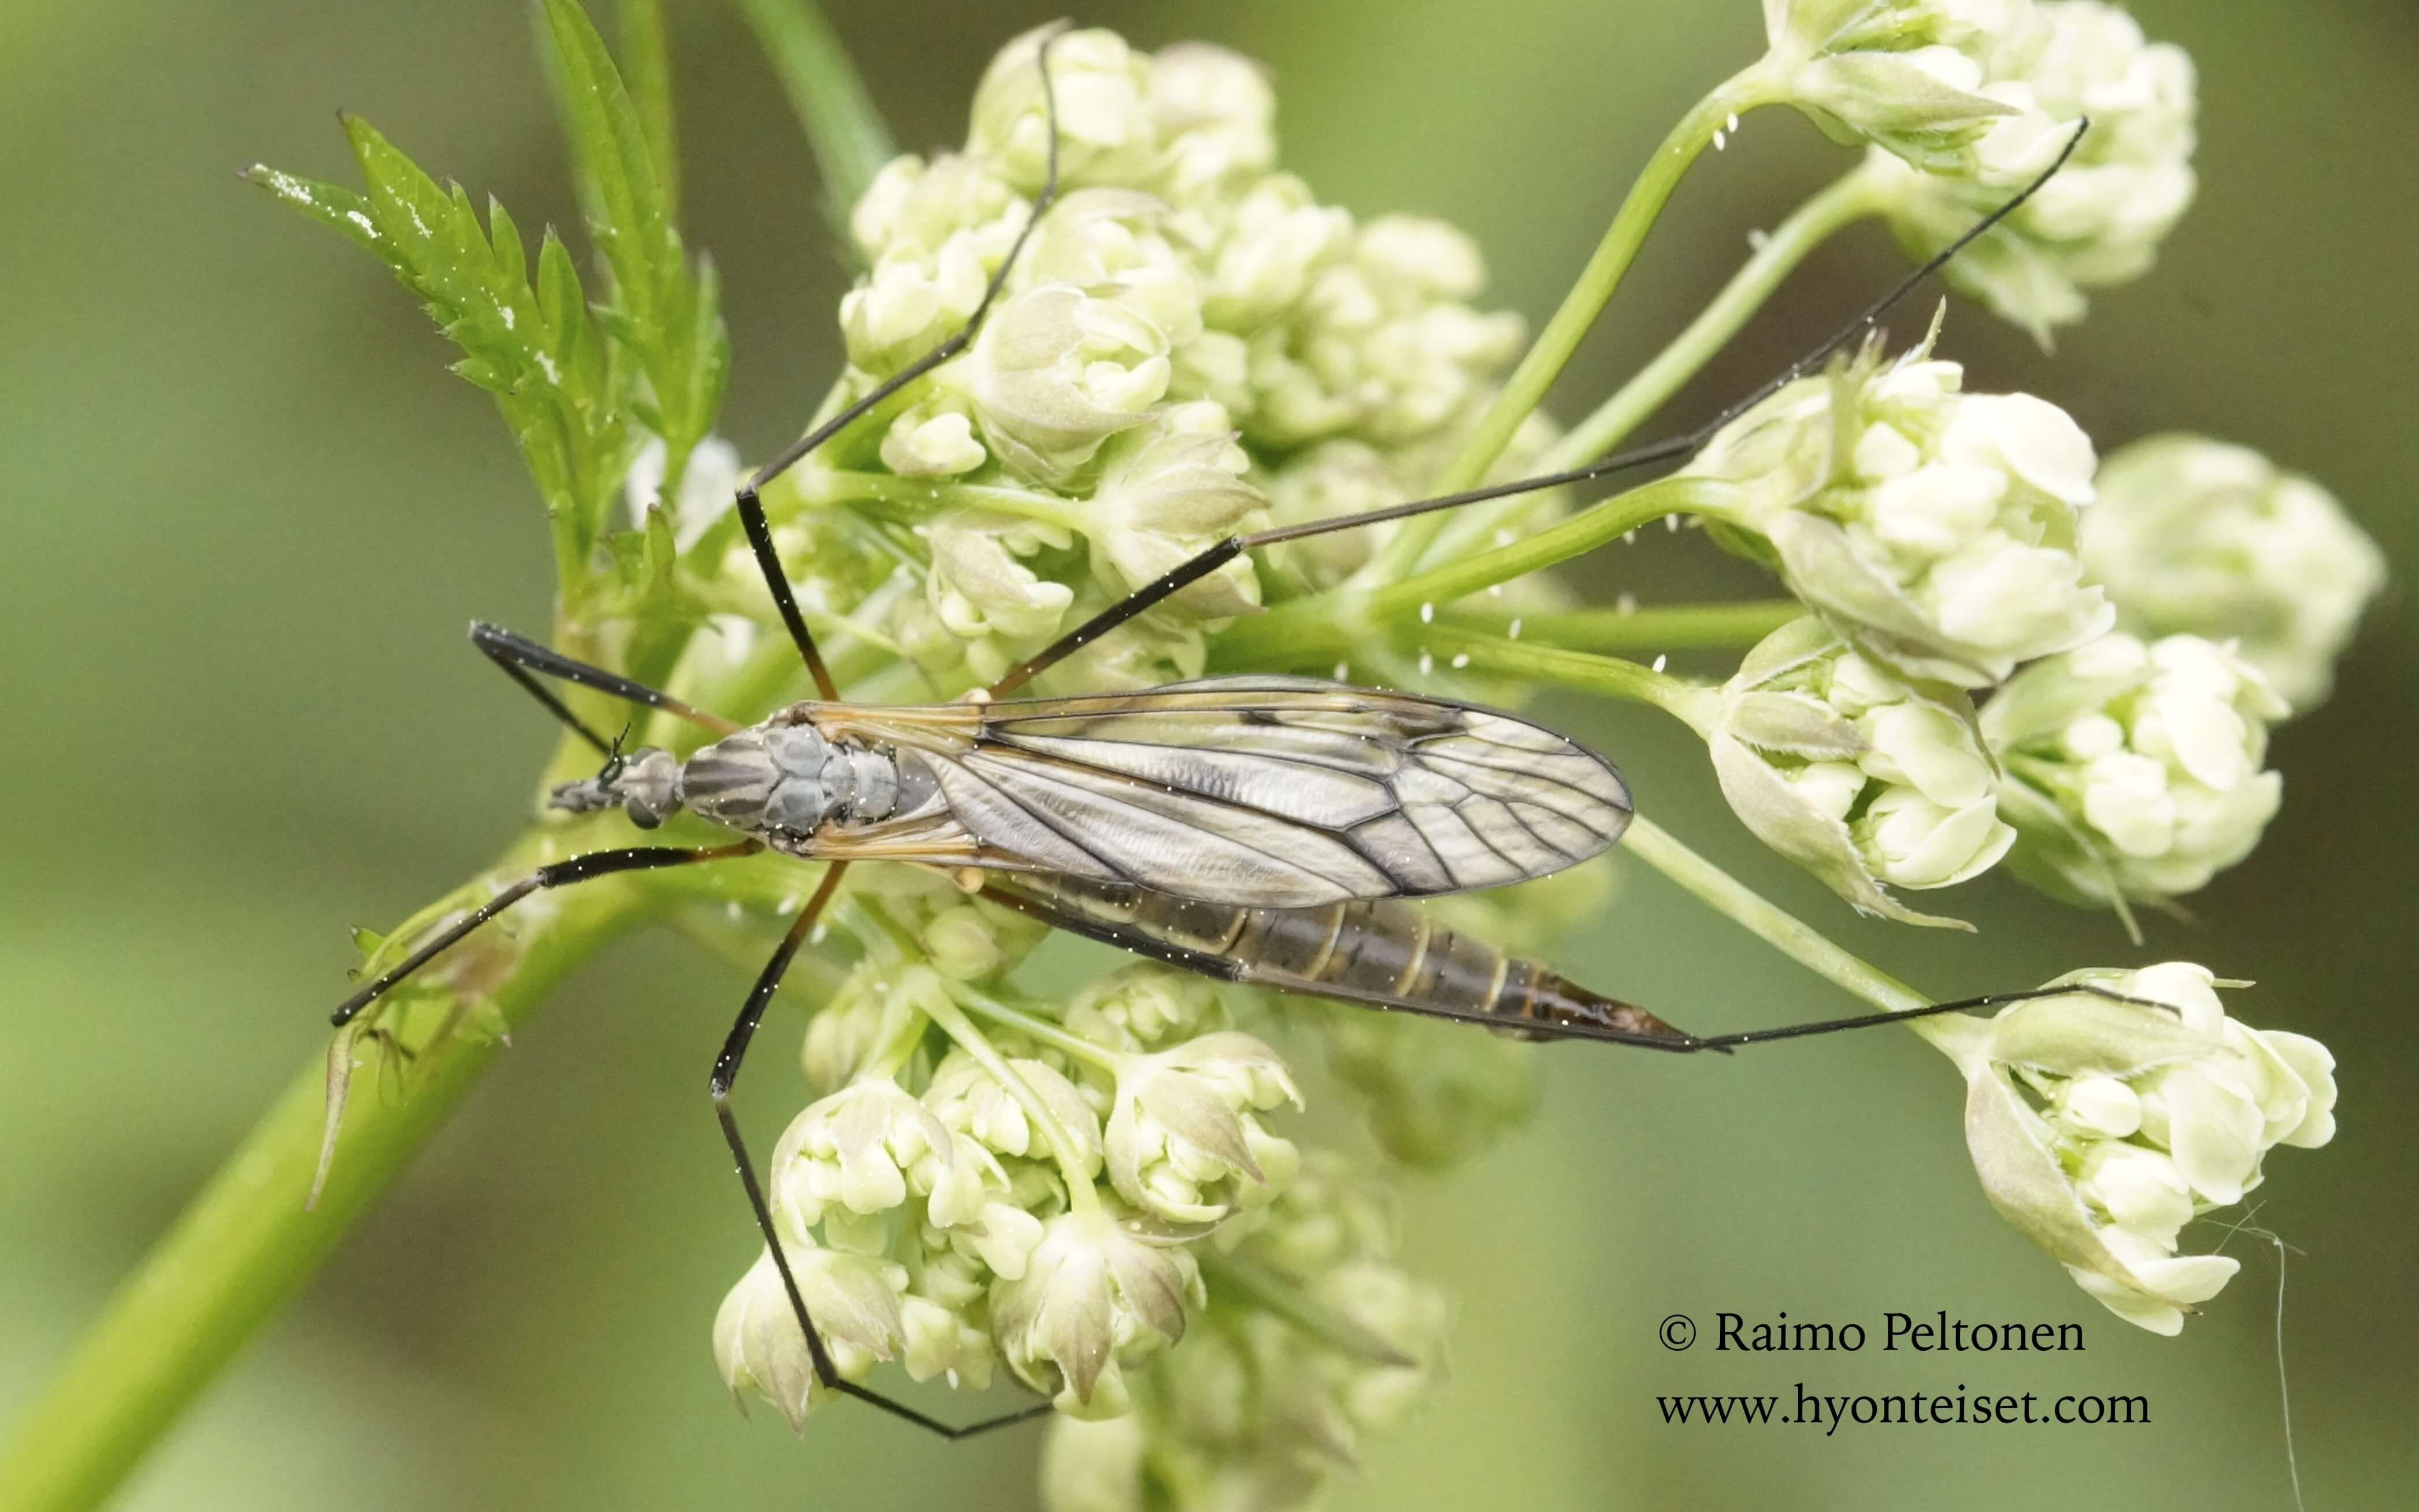 Tipula varipennis-polkukirjokirsikäs, 16.6.2015 Jyväskylä